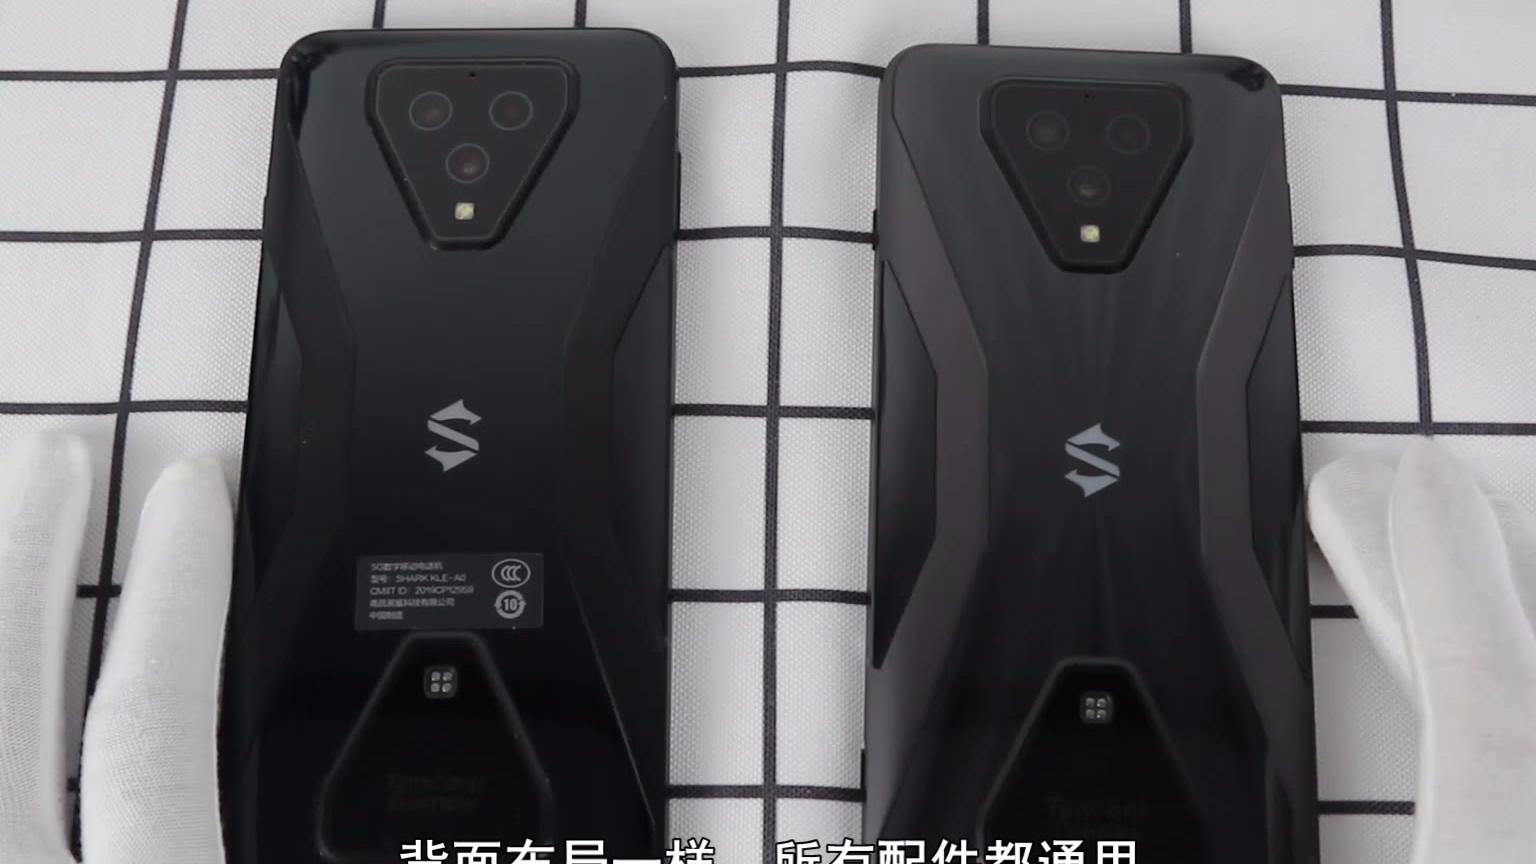 【首发上手】腾讯黑鲨3S游戏手机,创造几个新记录